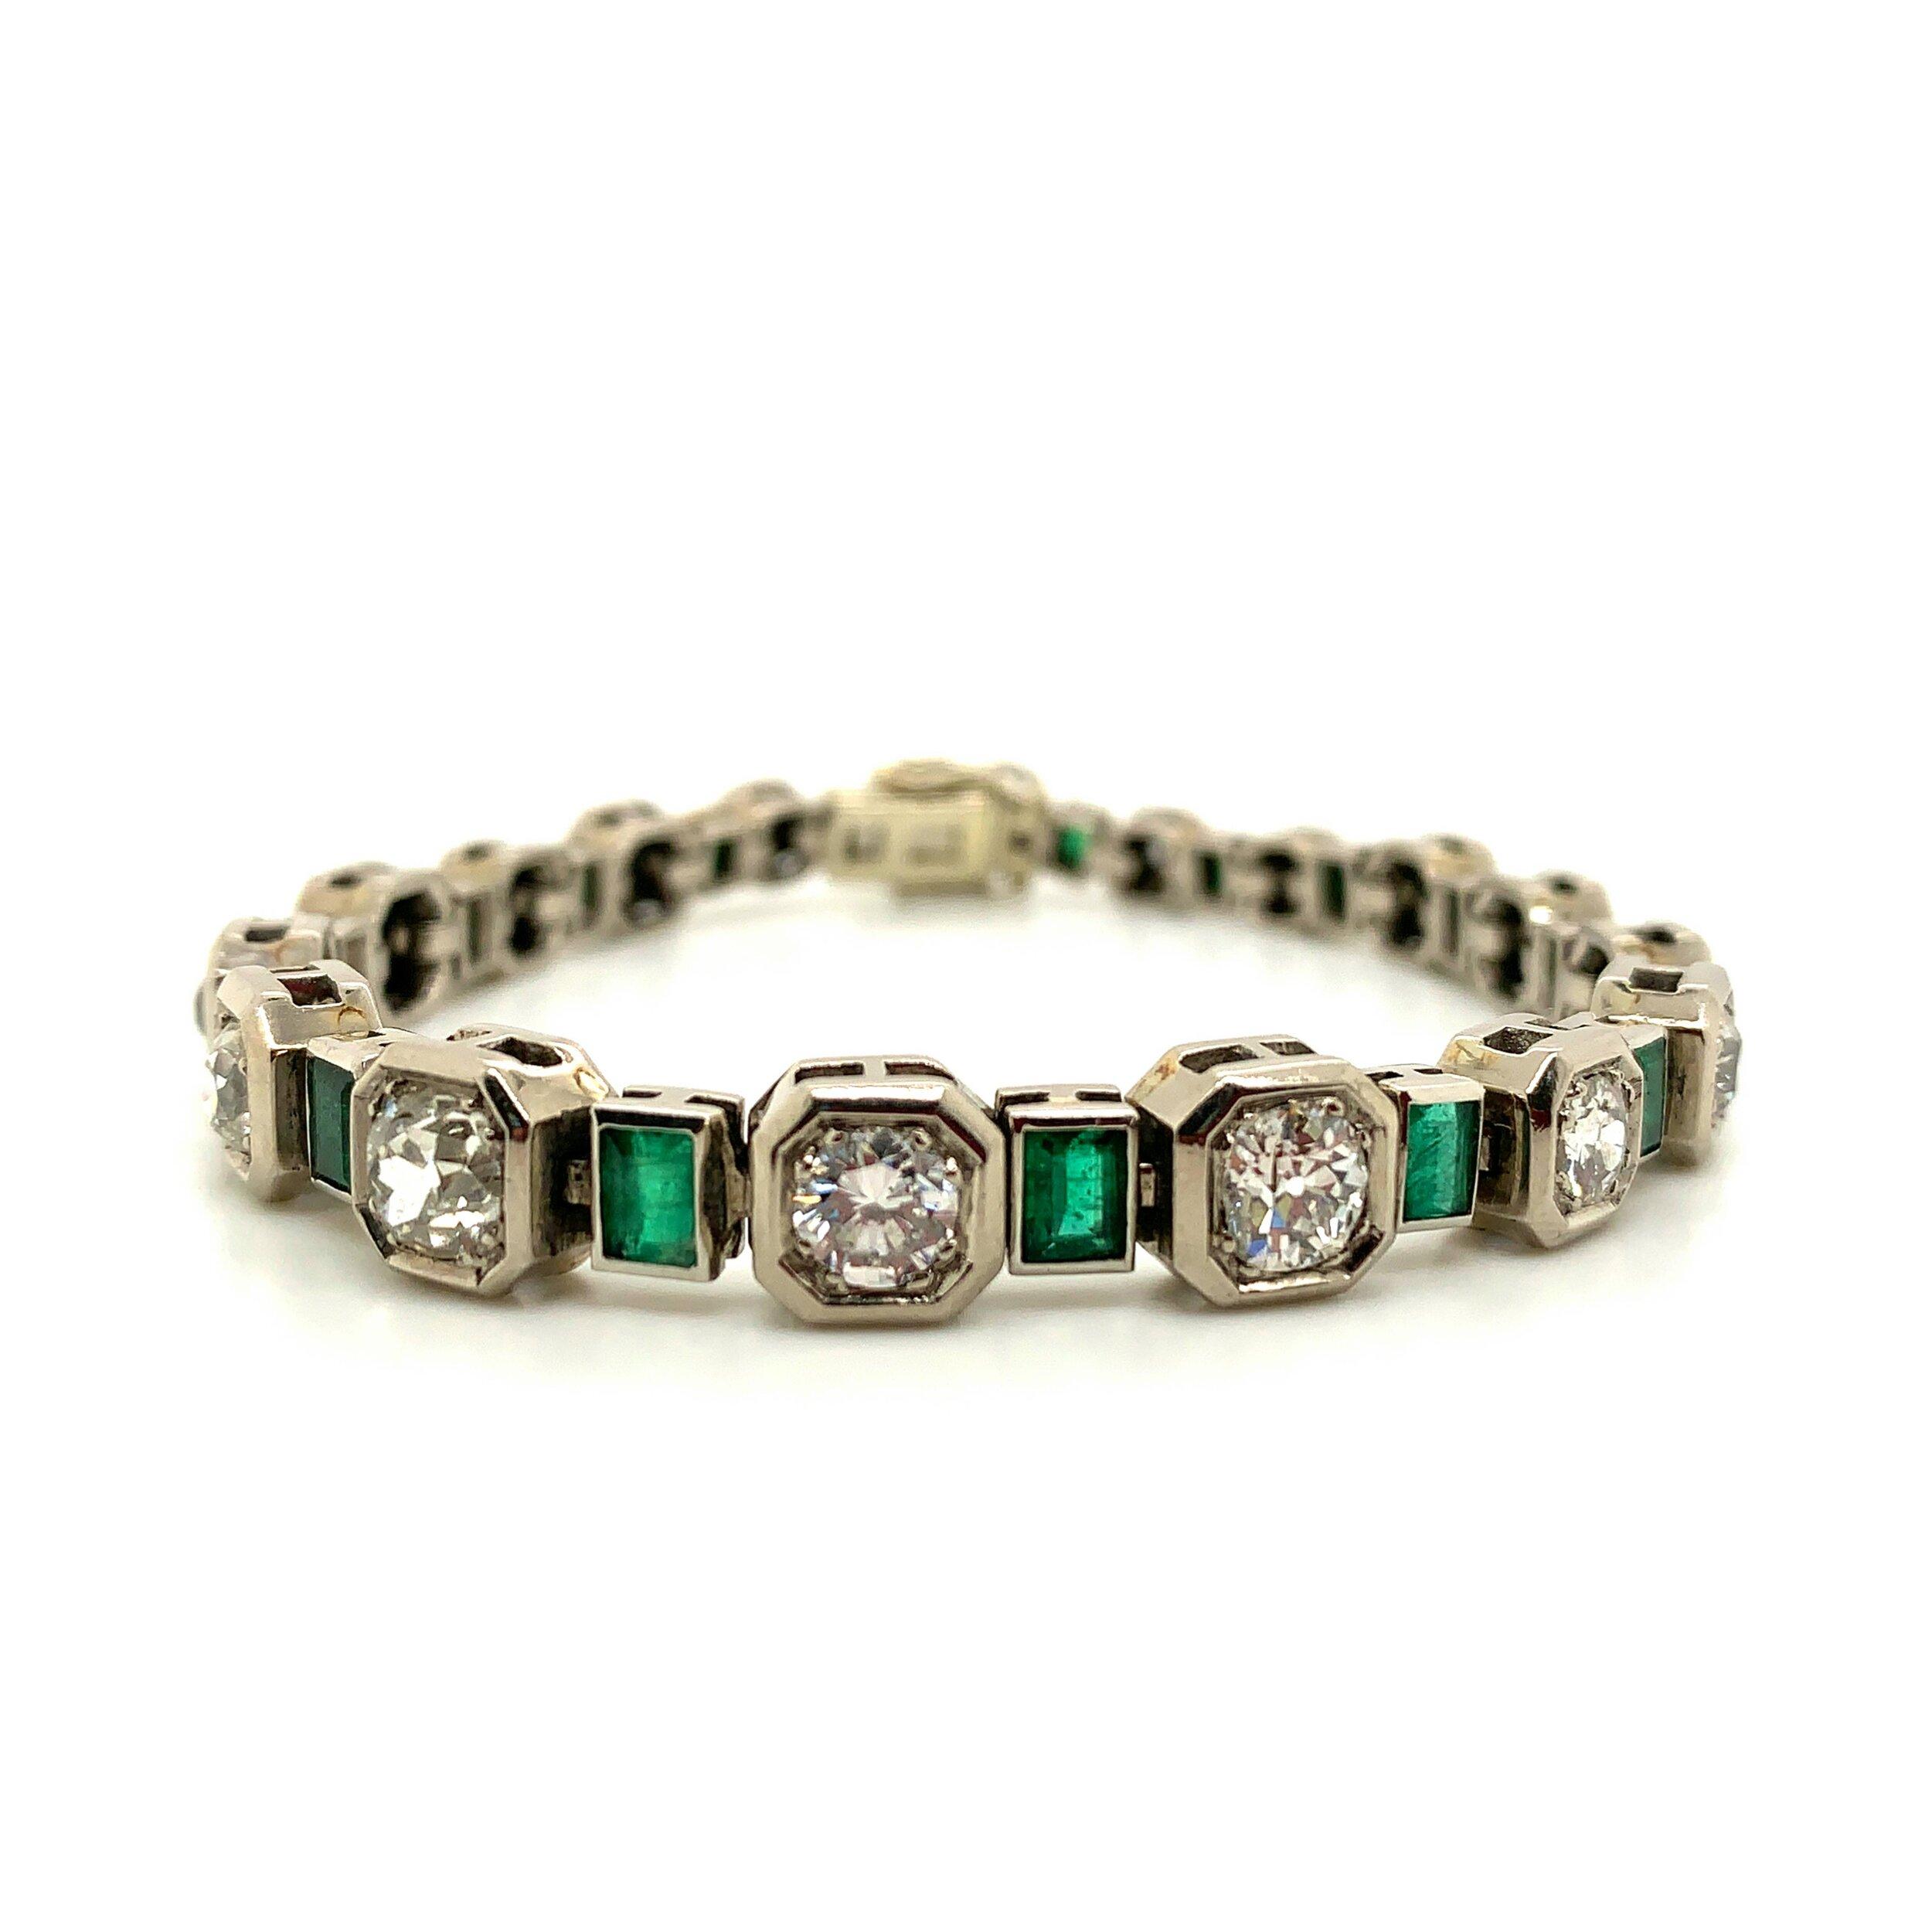 Emerald and Diamond Bracelet   Est. US$ 10,000-12,000